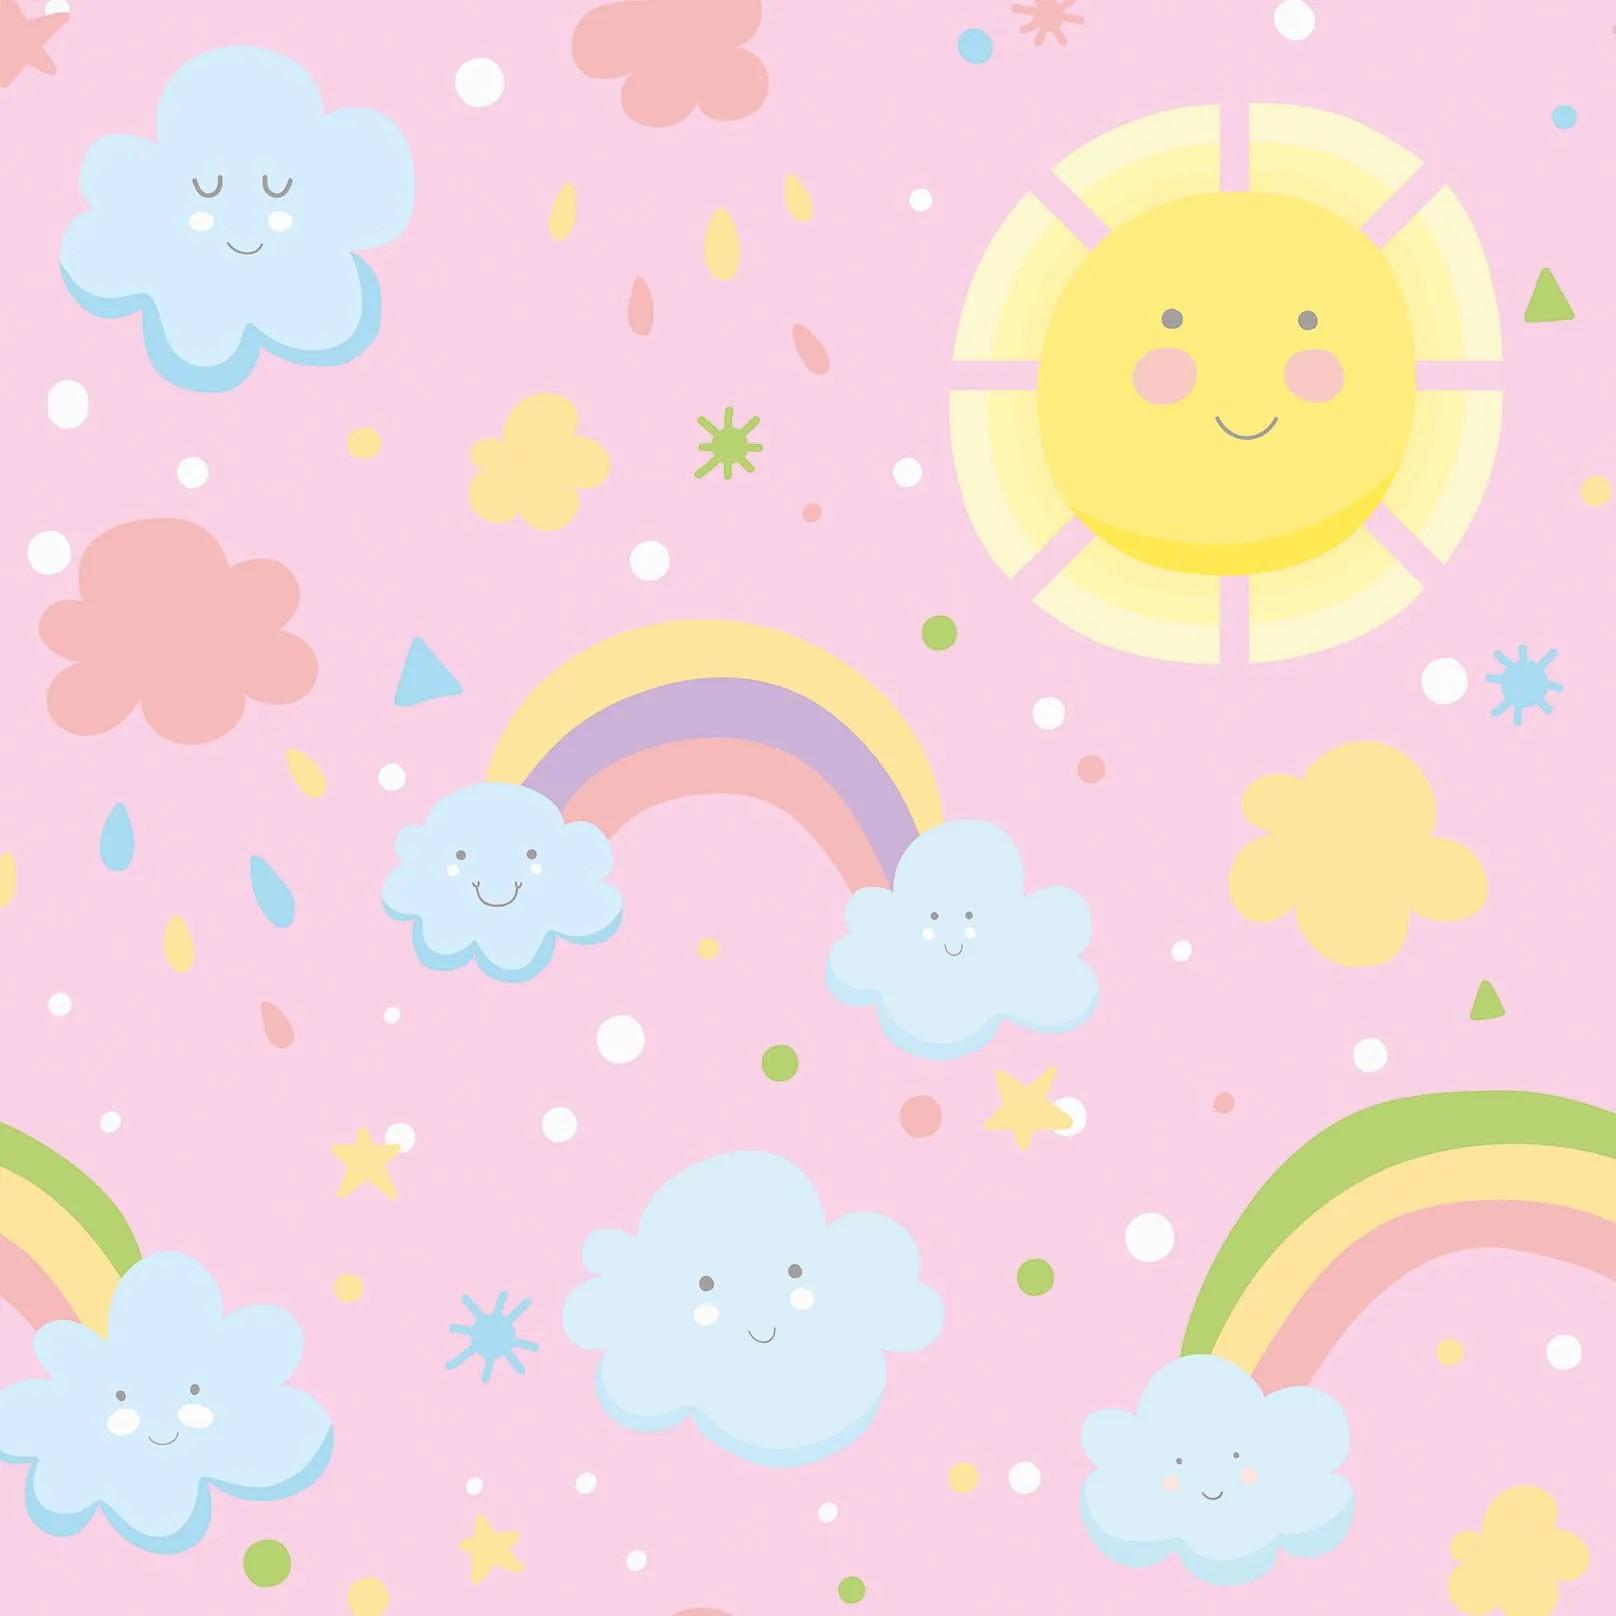 Papel de Parede Arco-Íris E Sol Felizes No Rosa PPI  - Papel de parede - G3decora